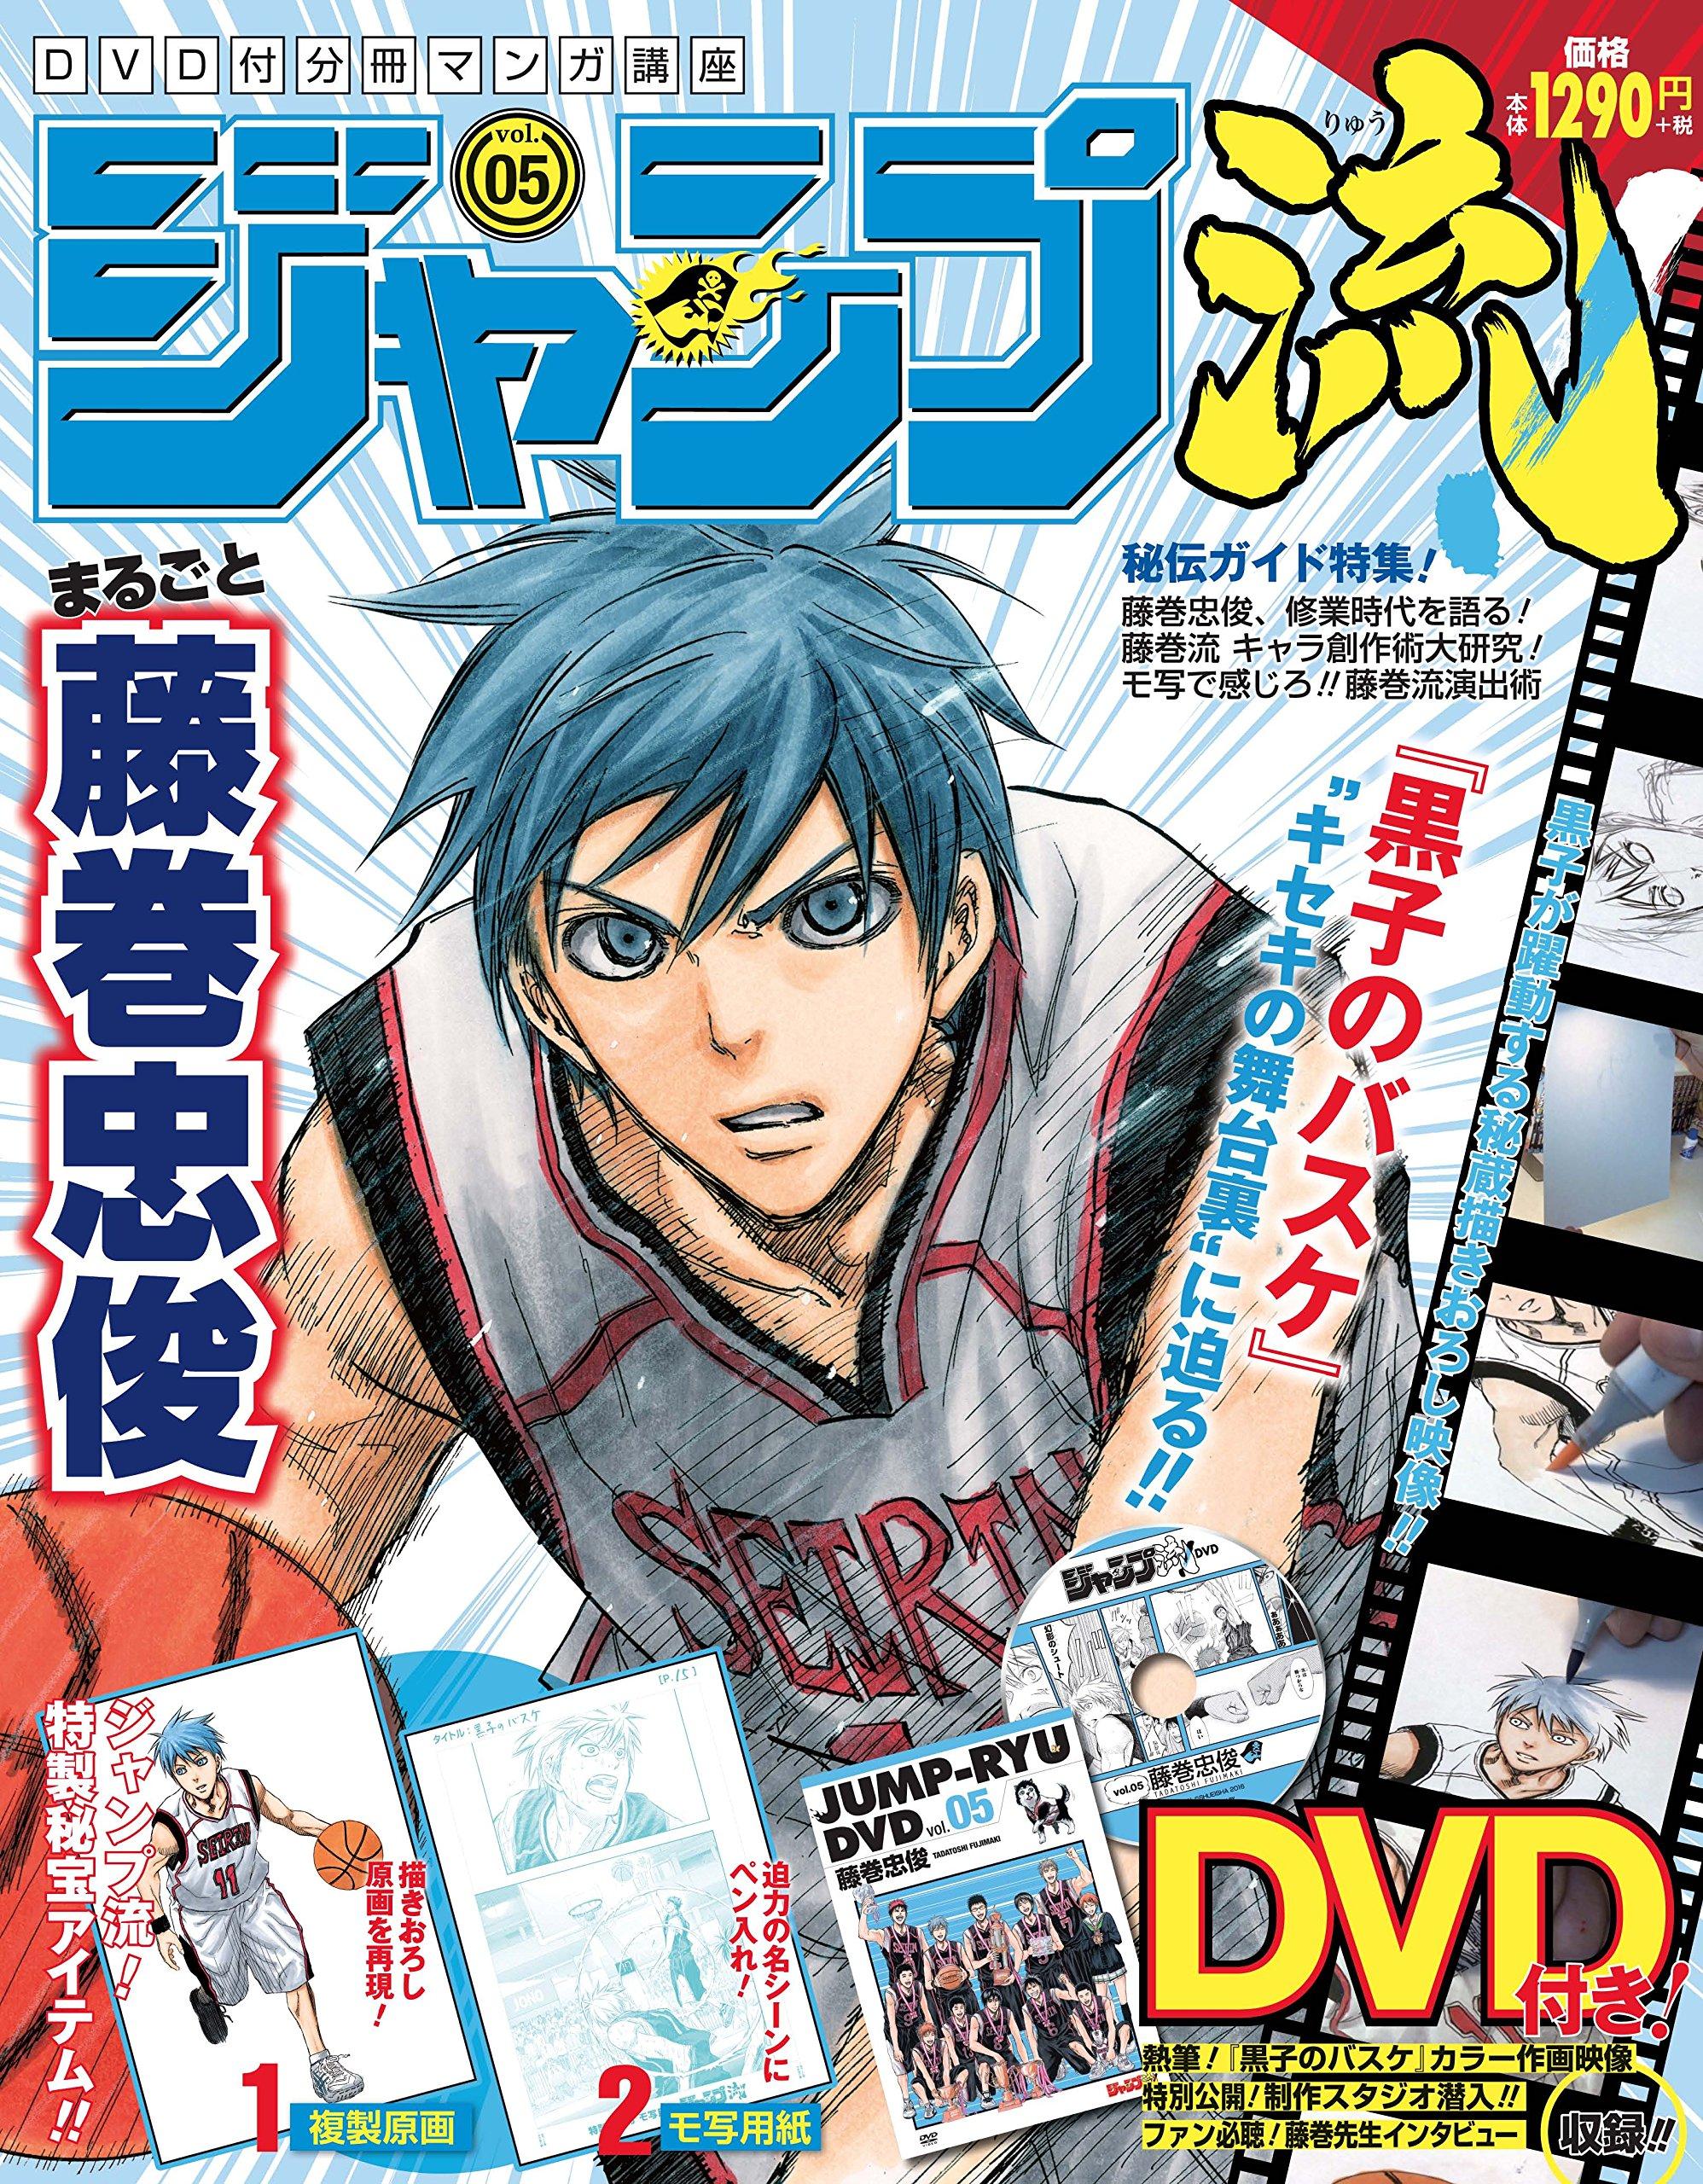 ジャンプ流! DVD付分冊マンガ講座 5巻